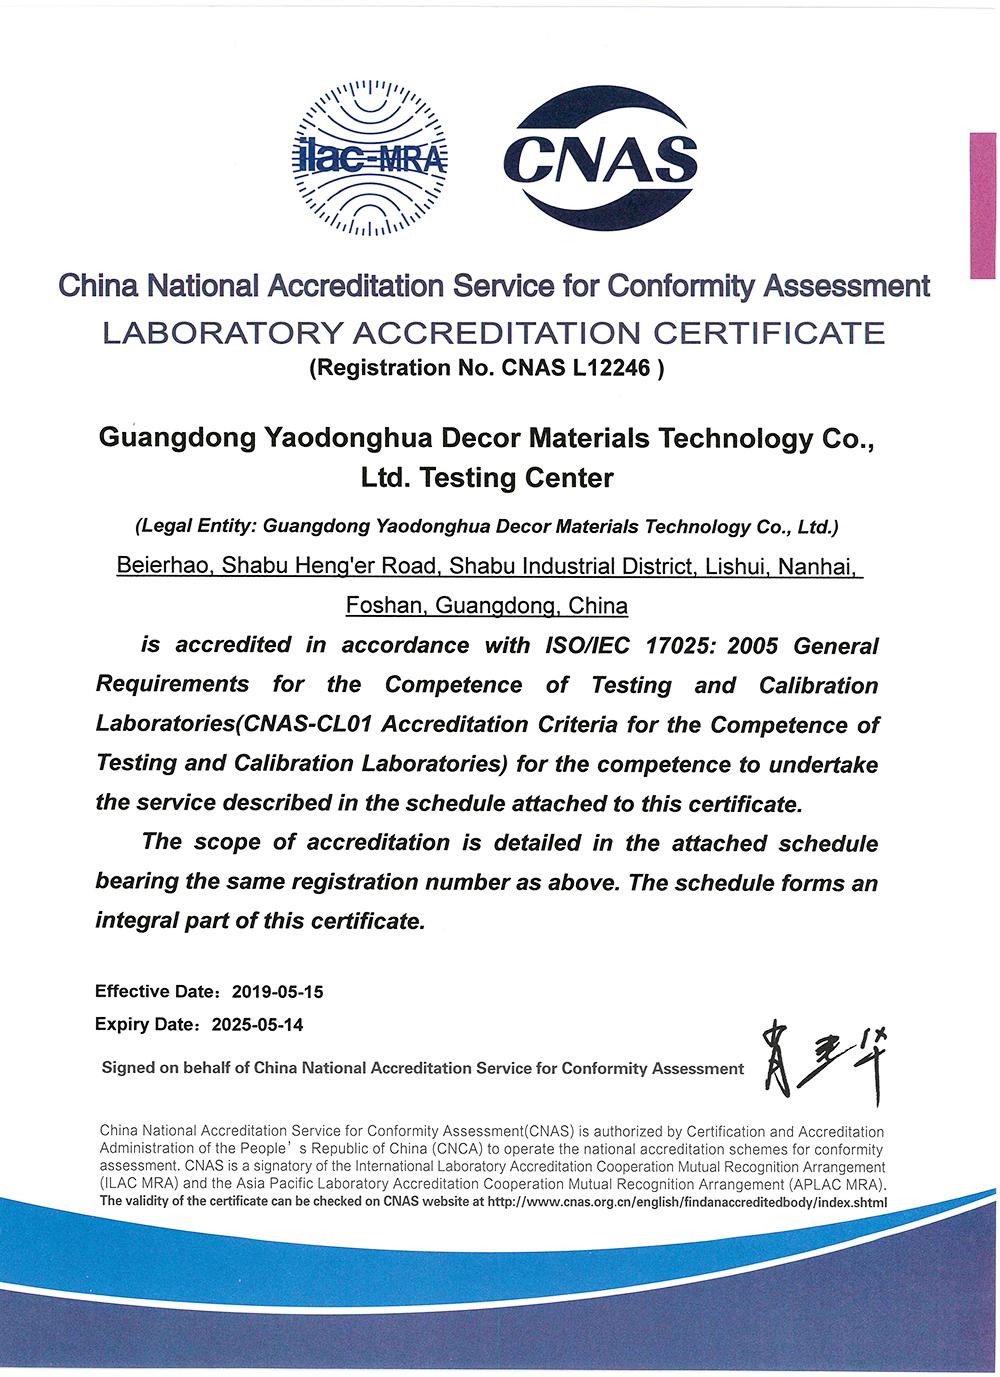 CNAS 国家实验室认可证书-英文版.jpg